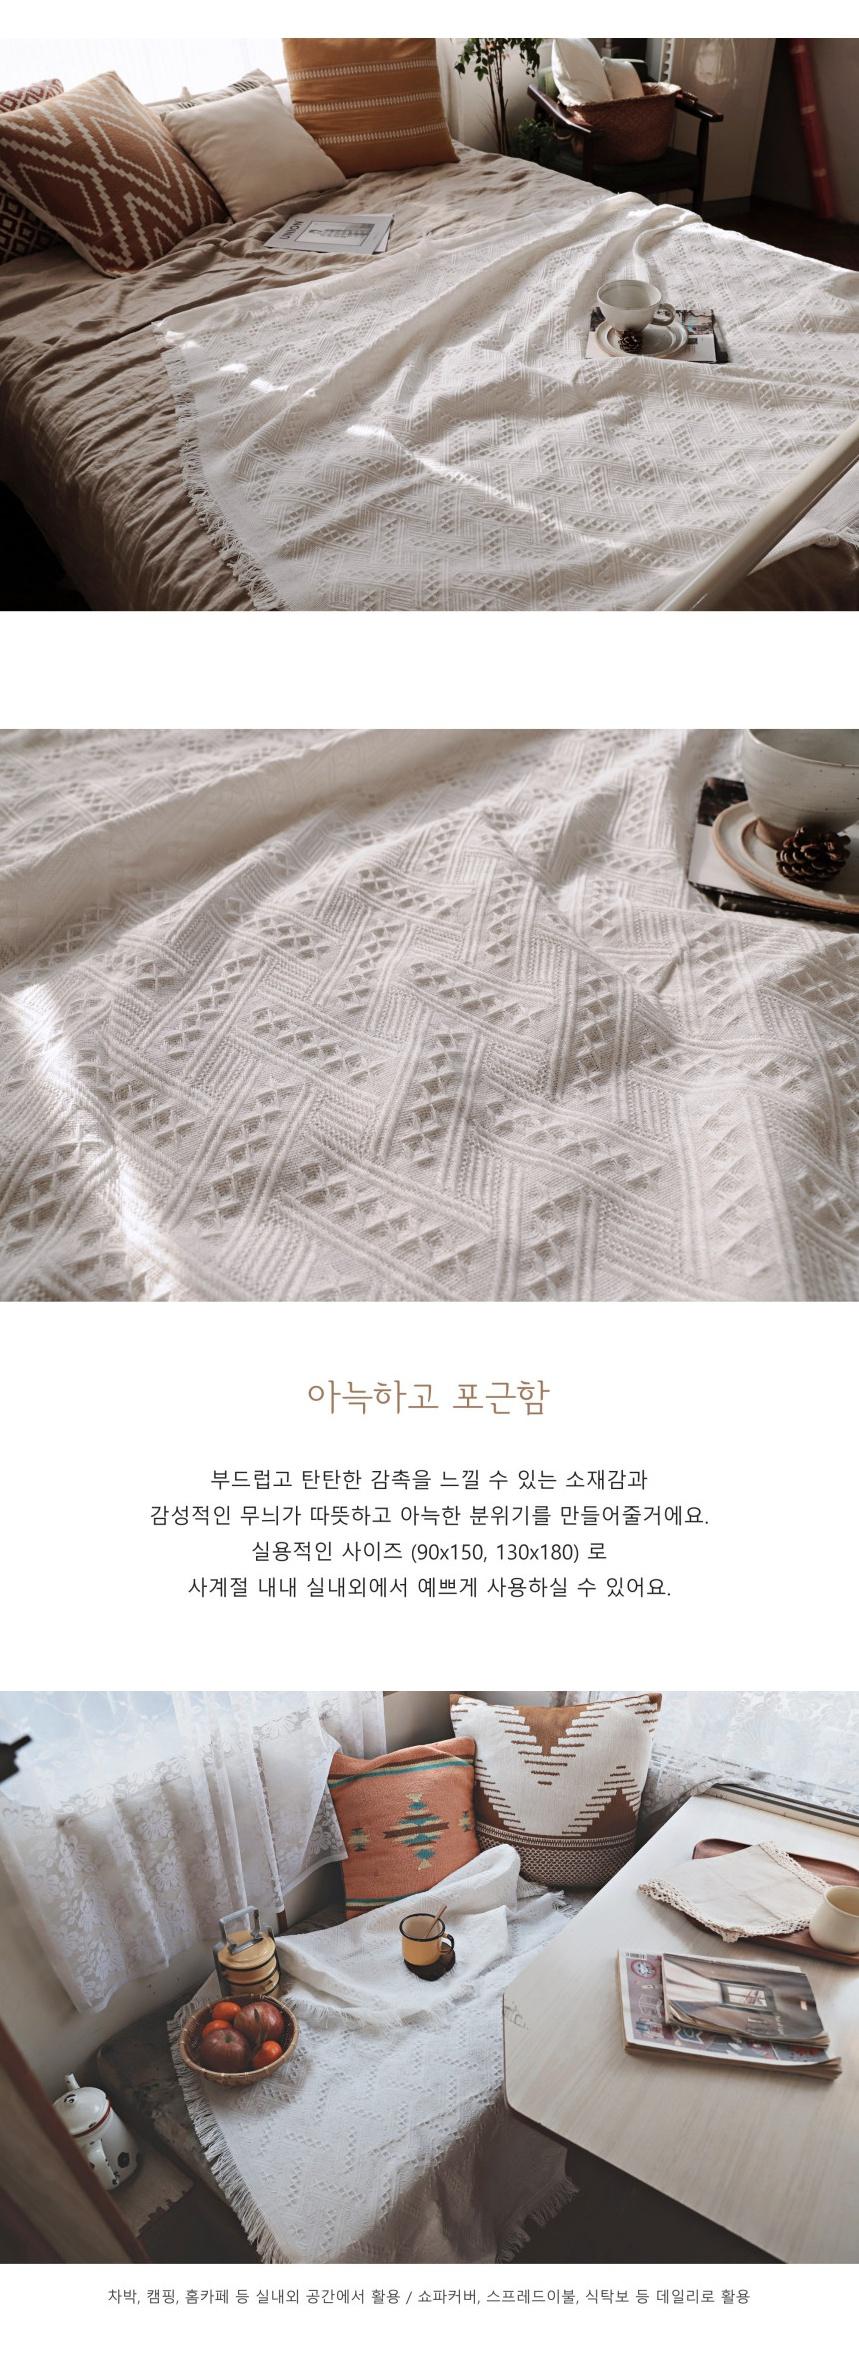 blanket_white_03.jpg